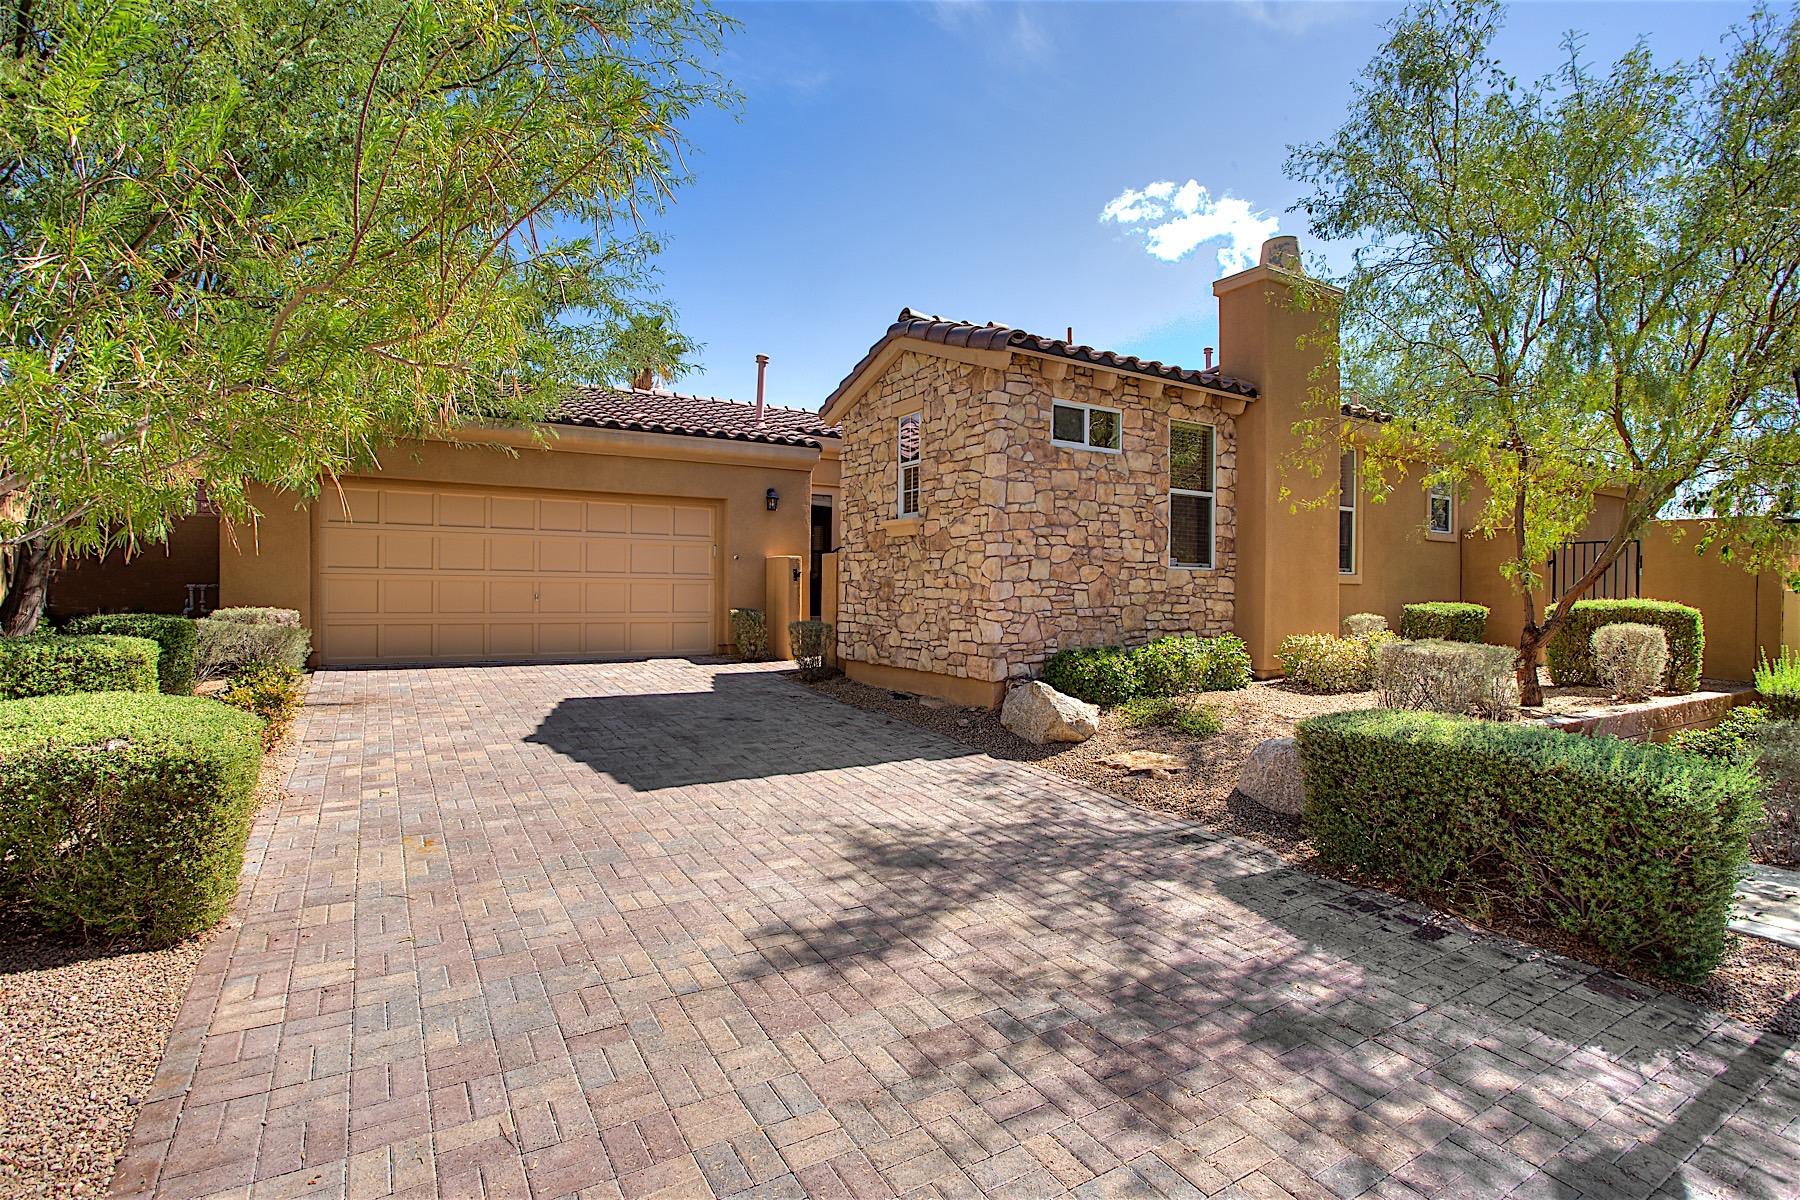 Частный односемейный дом для того Продажа на 69 Avenza Lake Las Vegas, Henderson, Невада 89011 Соединенные Штаты